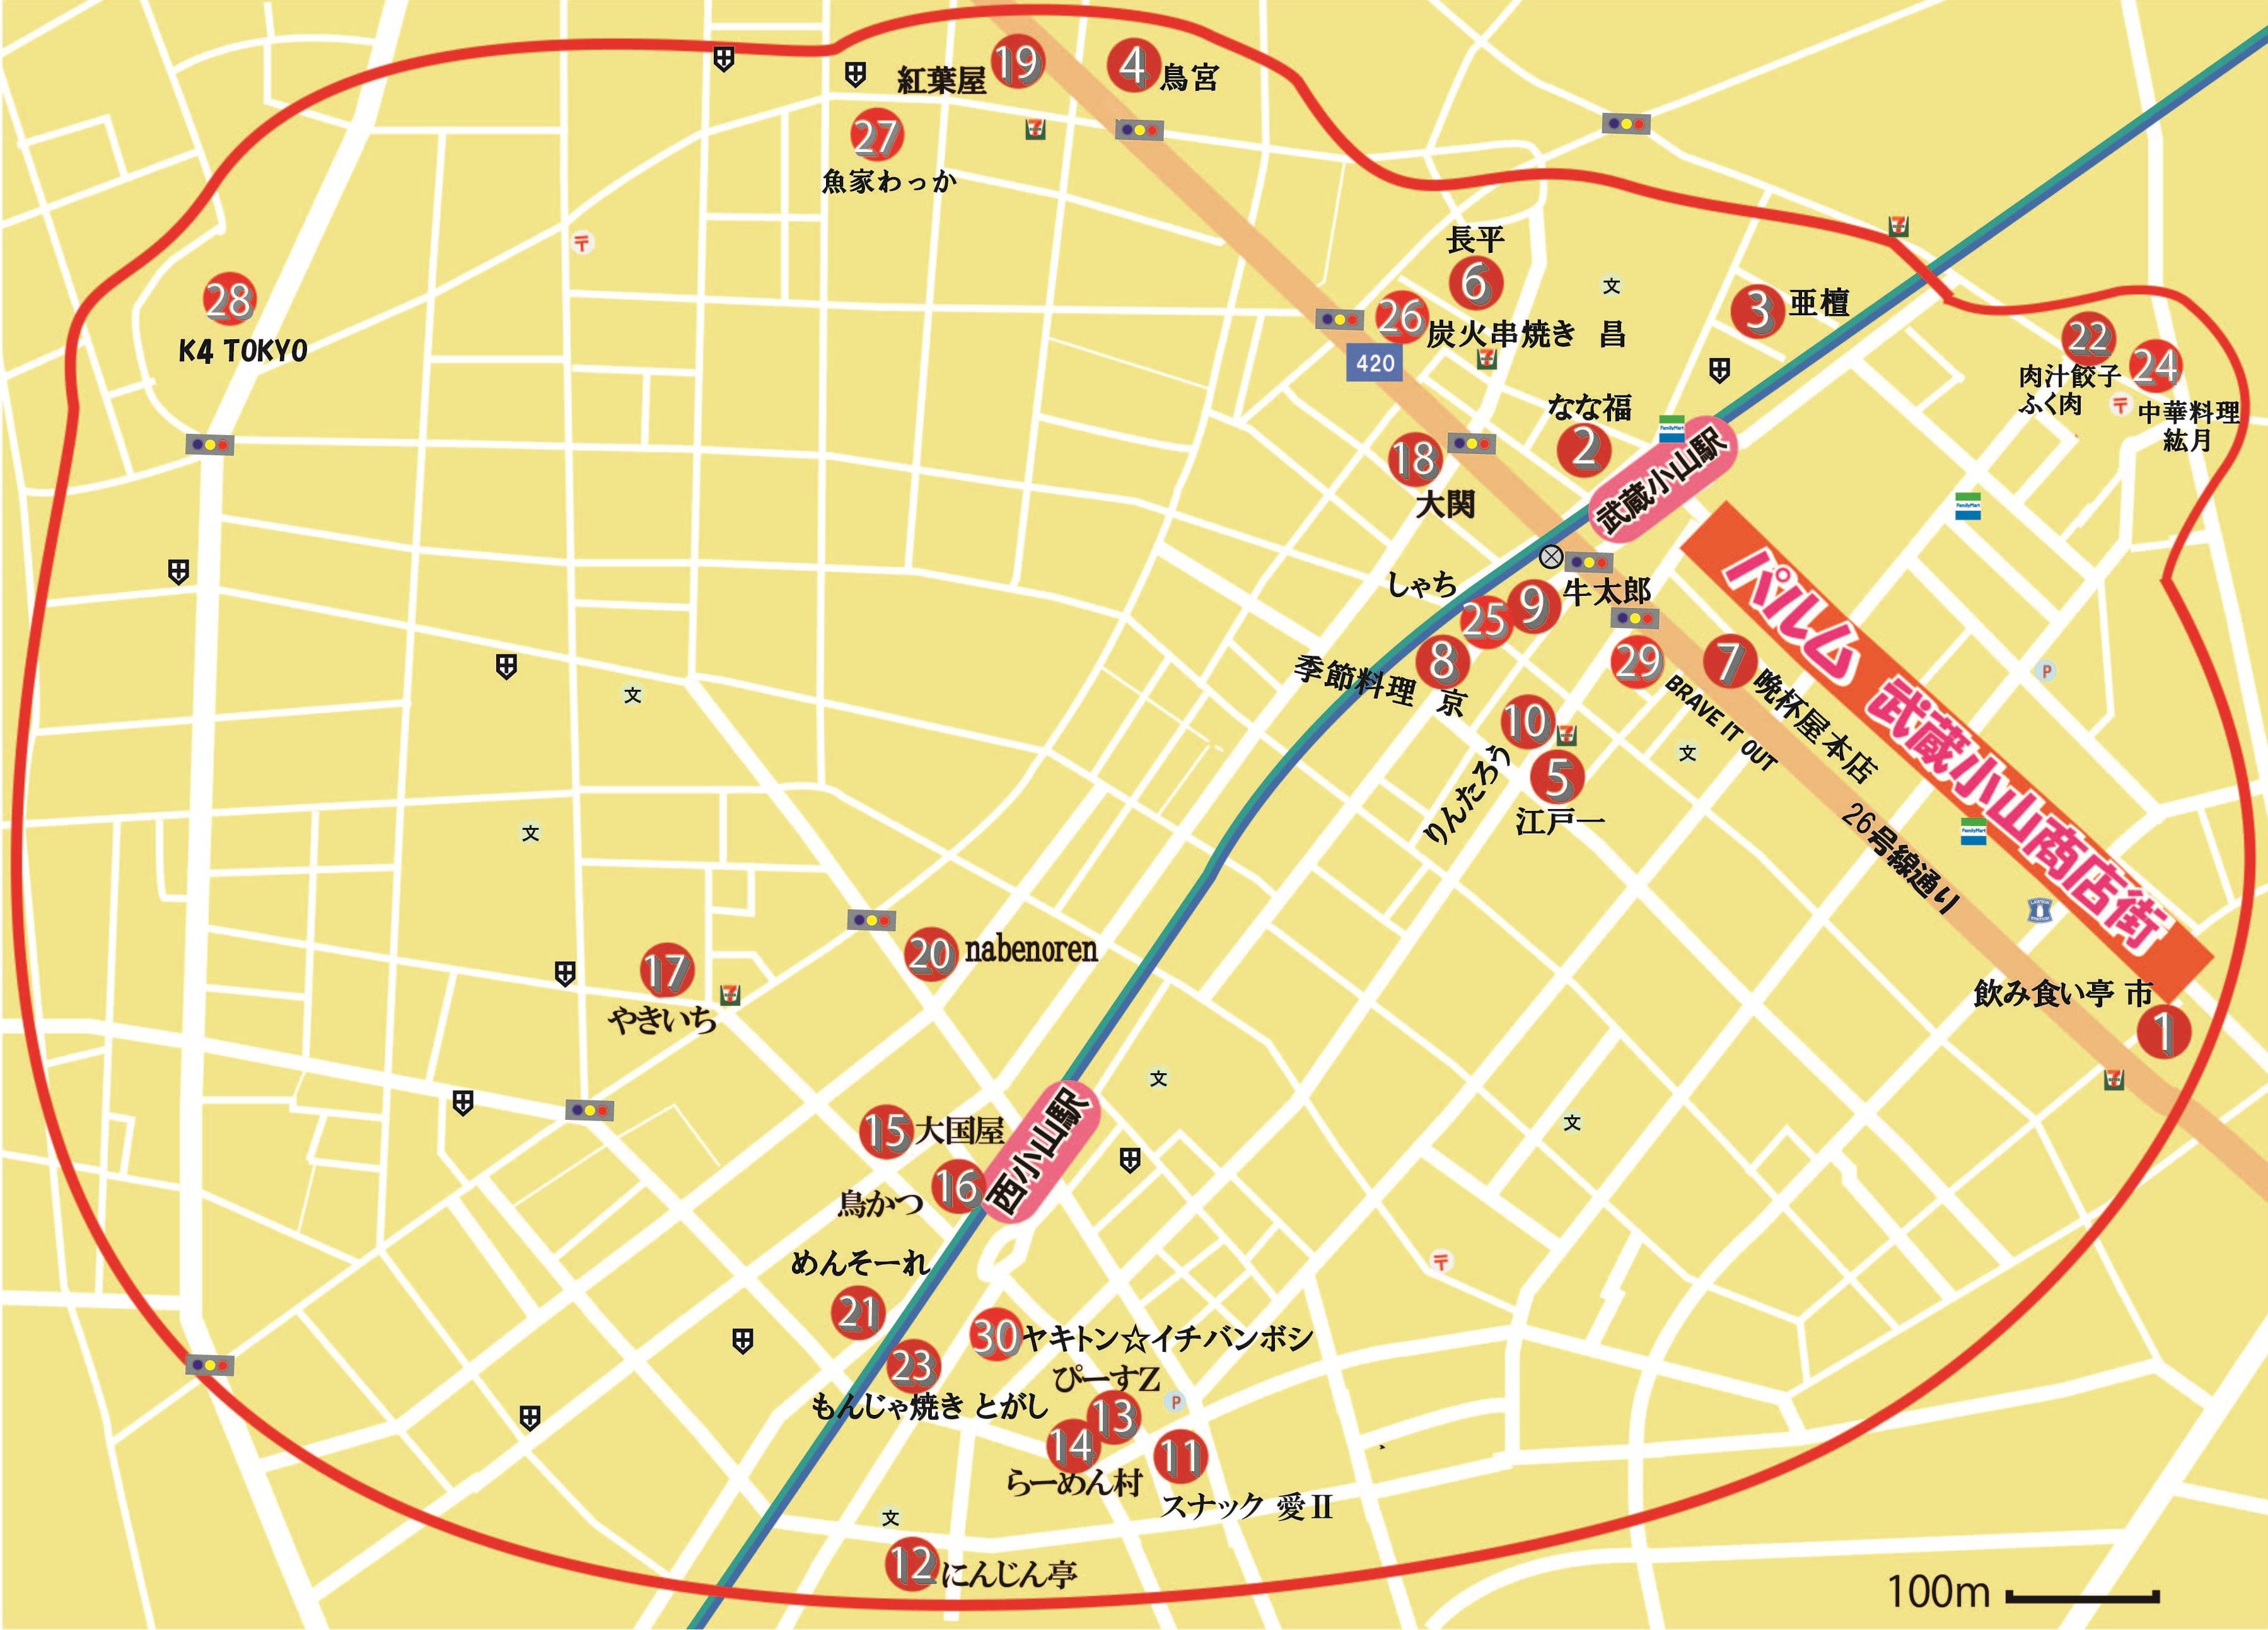 20190516_ハイサワー特区地図参加店